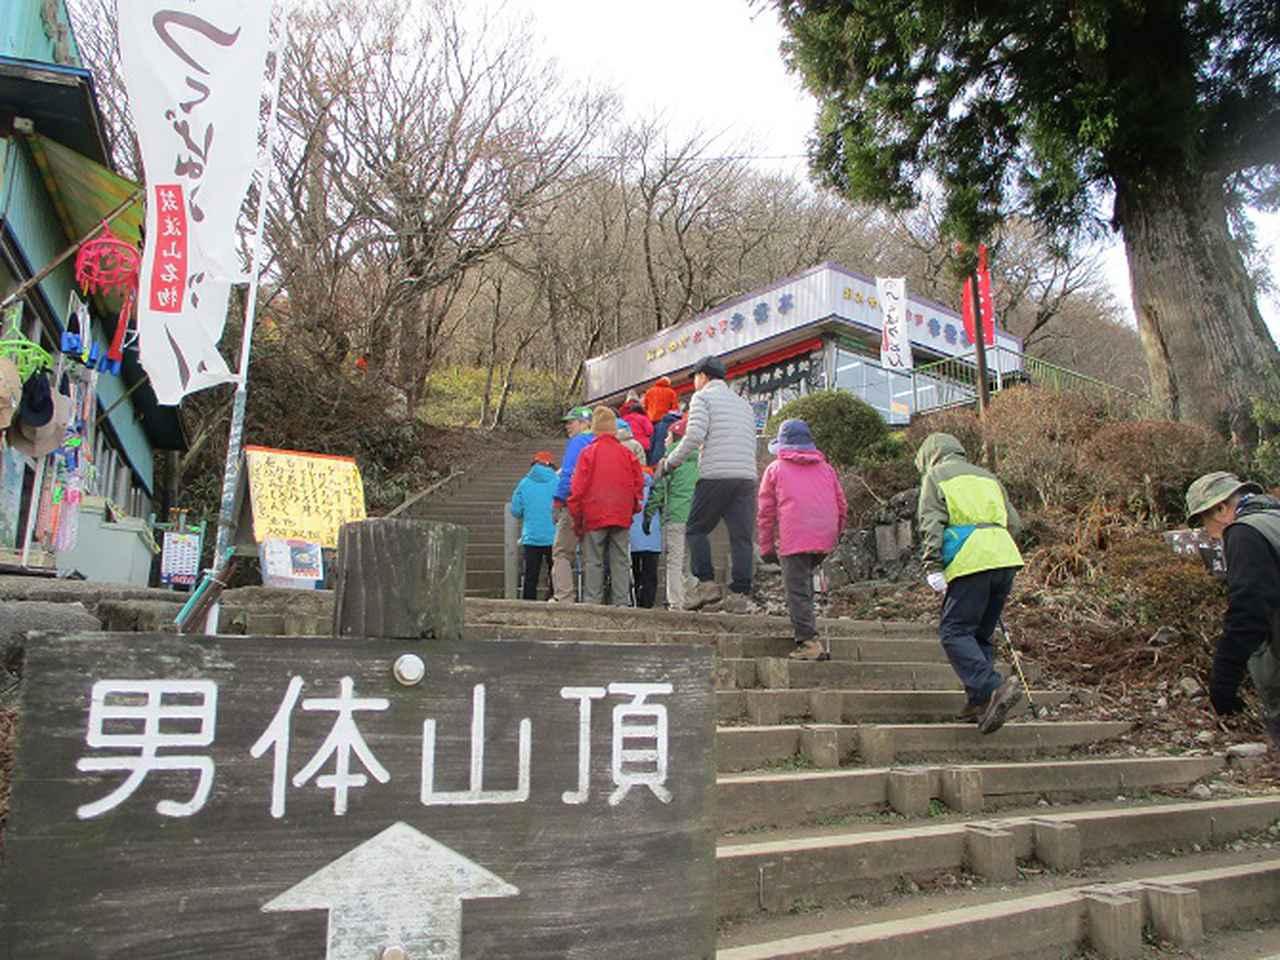 画像5: 12月6日に山旅会 筑波山 ツアーにいってきました!